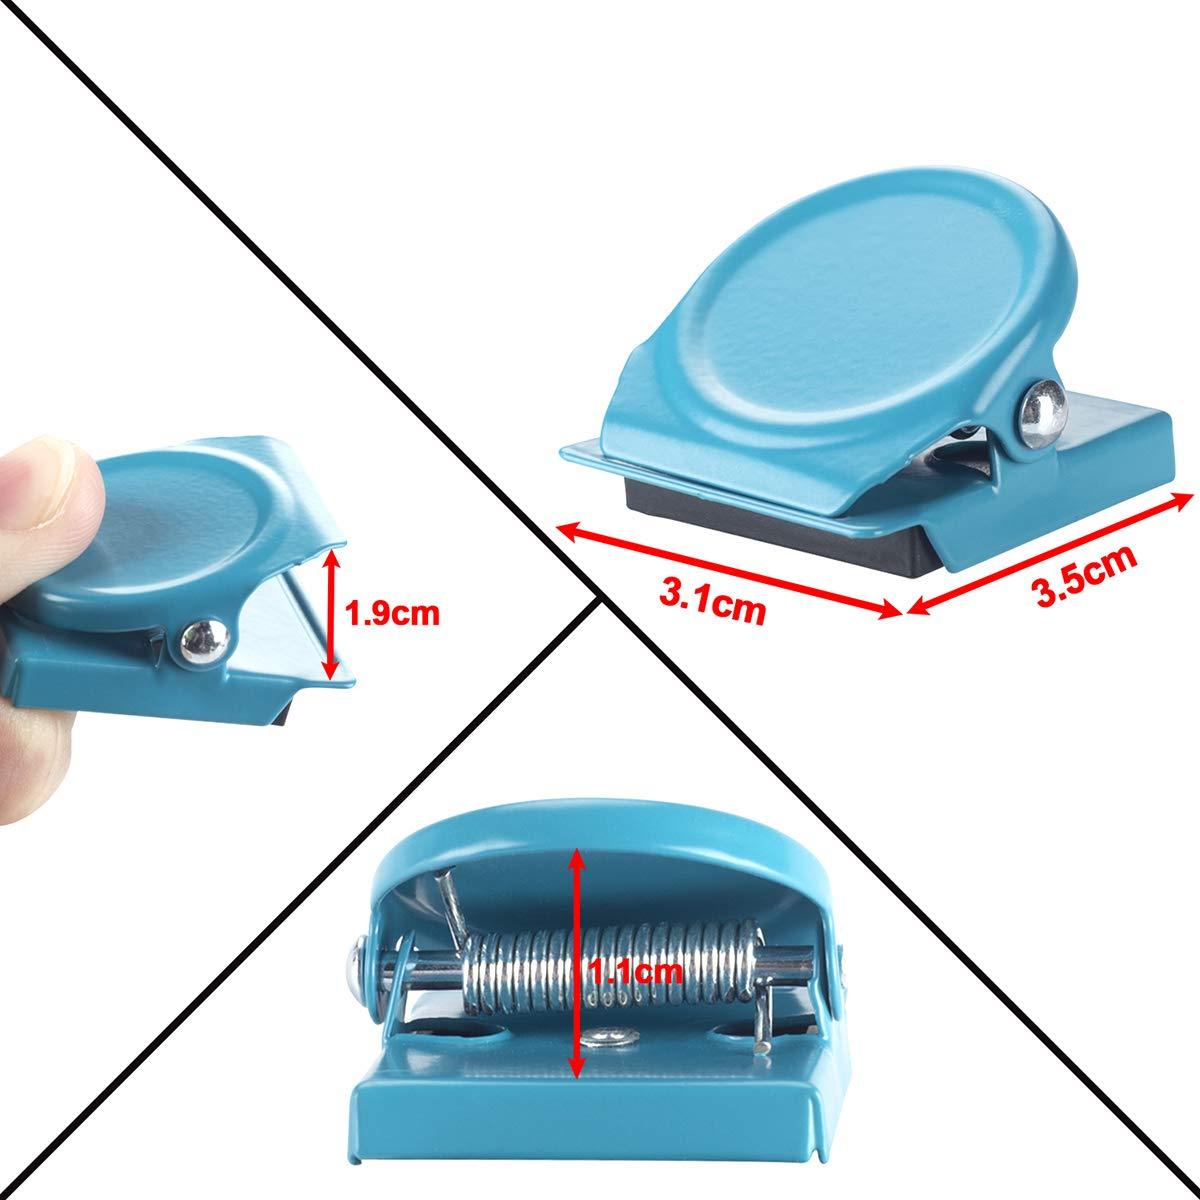 Ufficio Lavagna bacheca Wukong 14 Pezzi 7 Colori Clip magnetiche Metallo Calamite Gancio Clip Clip Frigorifero magneti per Frigorifero Cucina